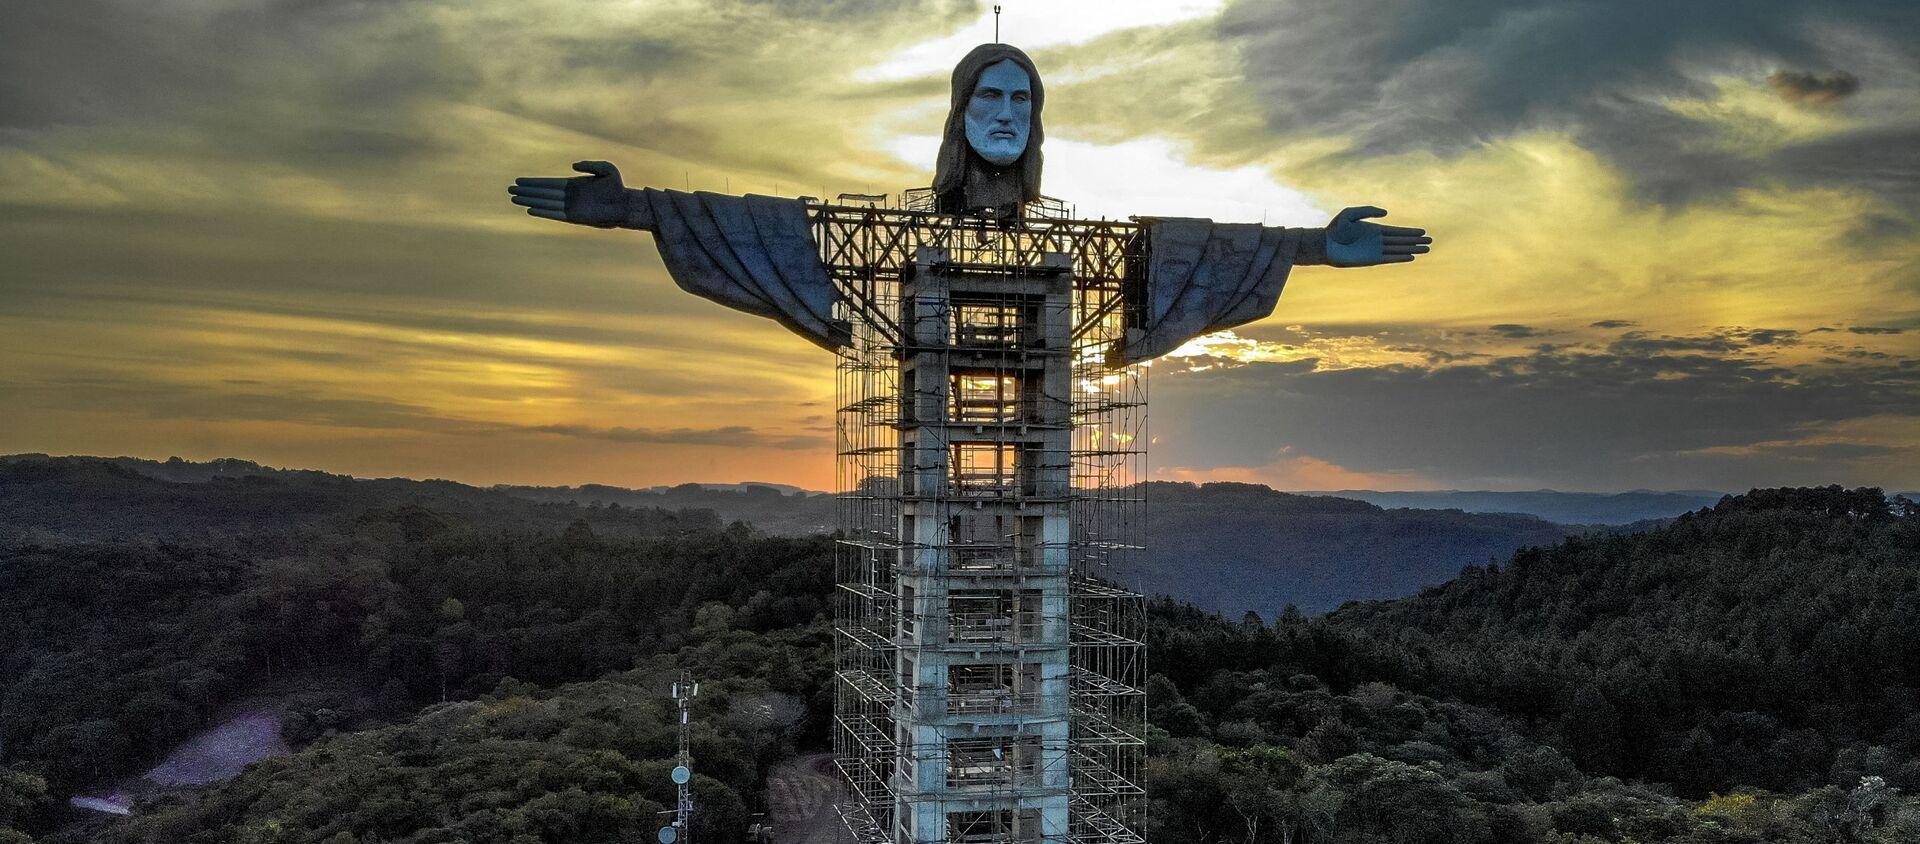 Узвядзенне новай статуі Ісуса Хрыста ў бразільскім горадзе Энкантада - Sputnik Беларусь, 1920, 13.04.2021